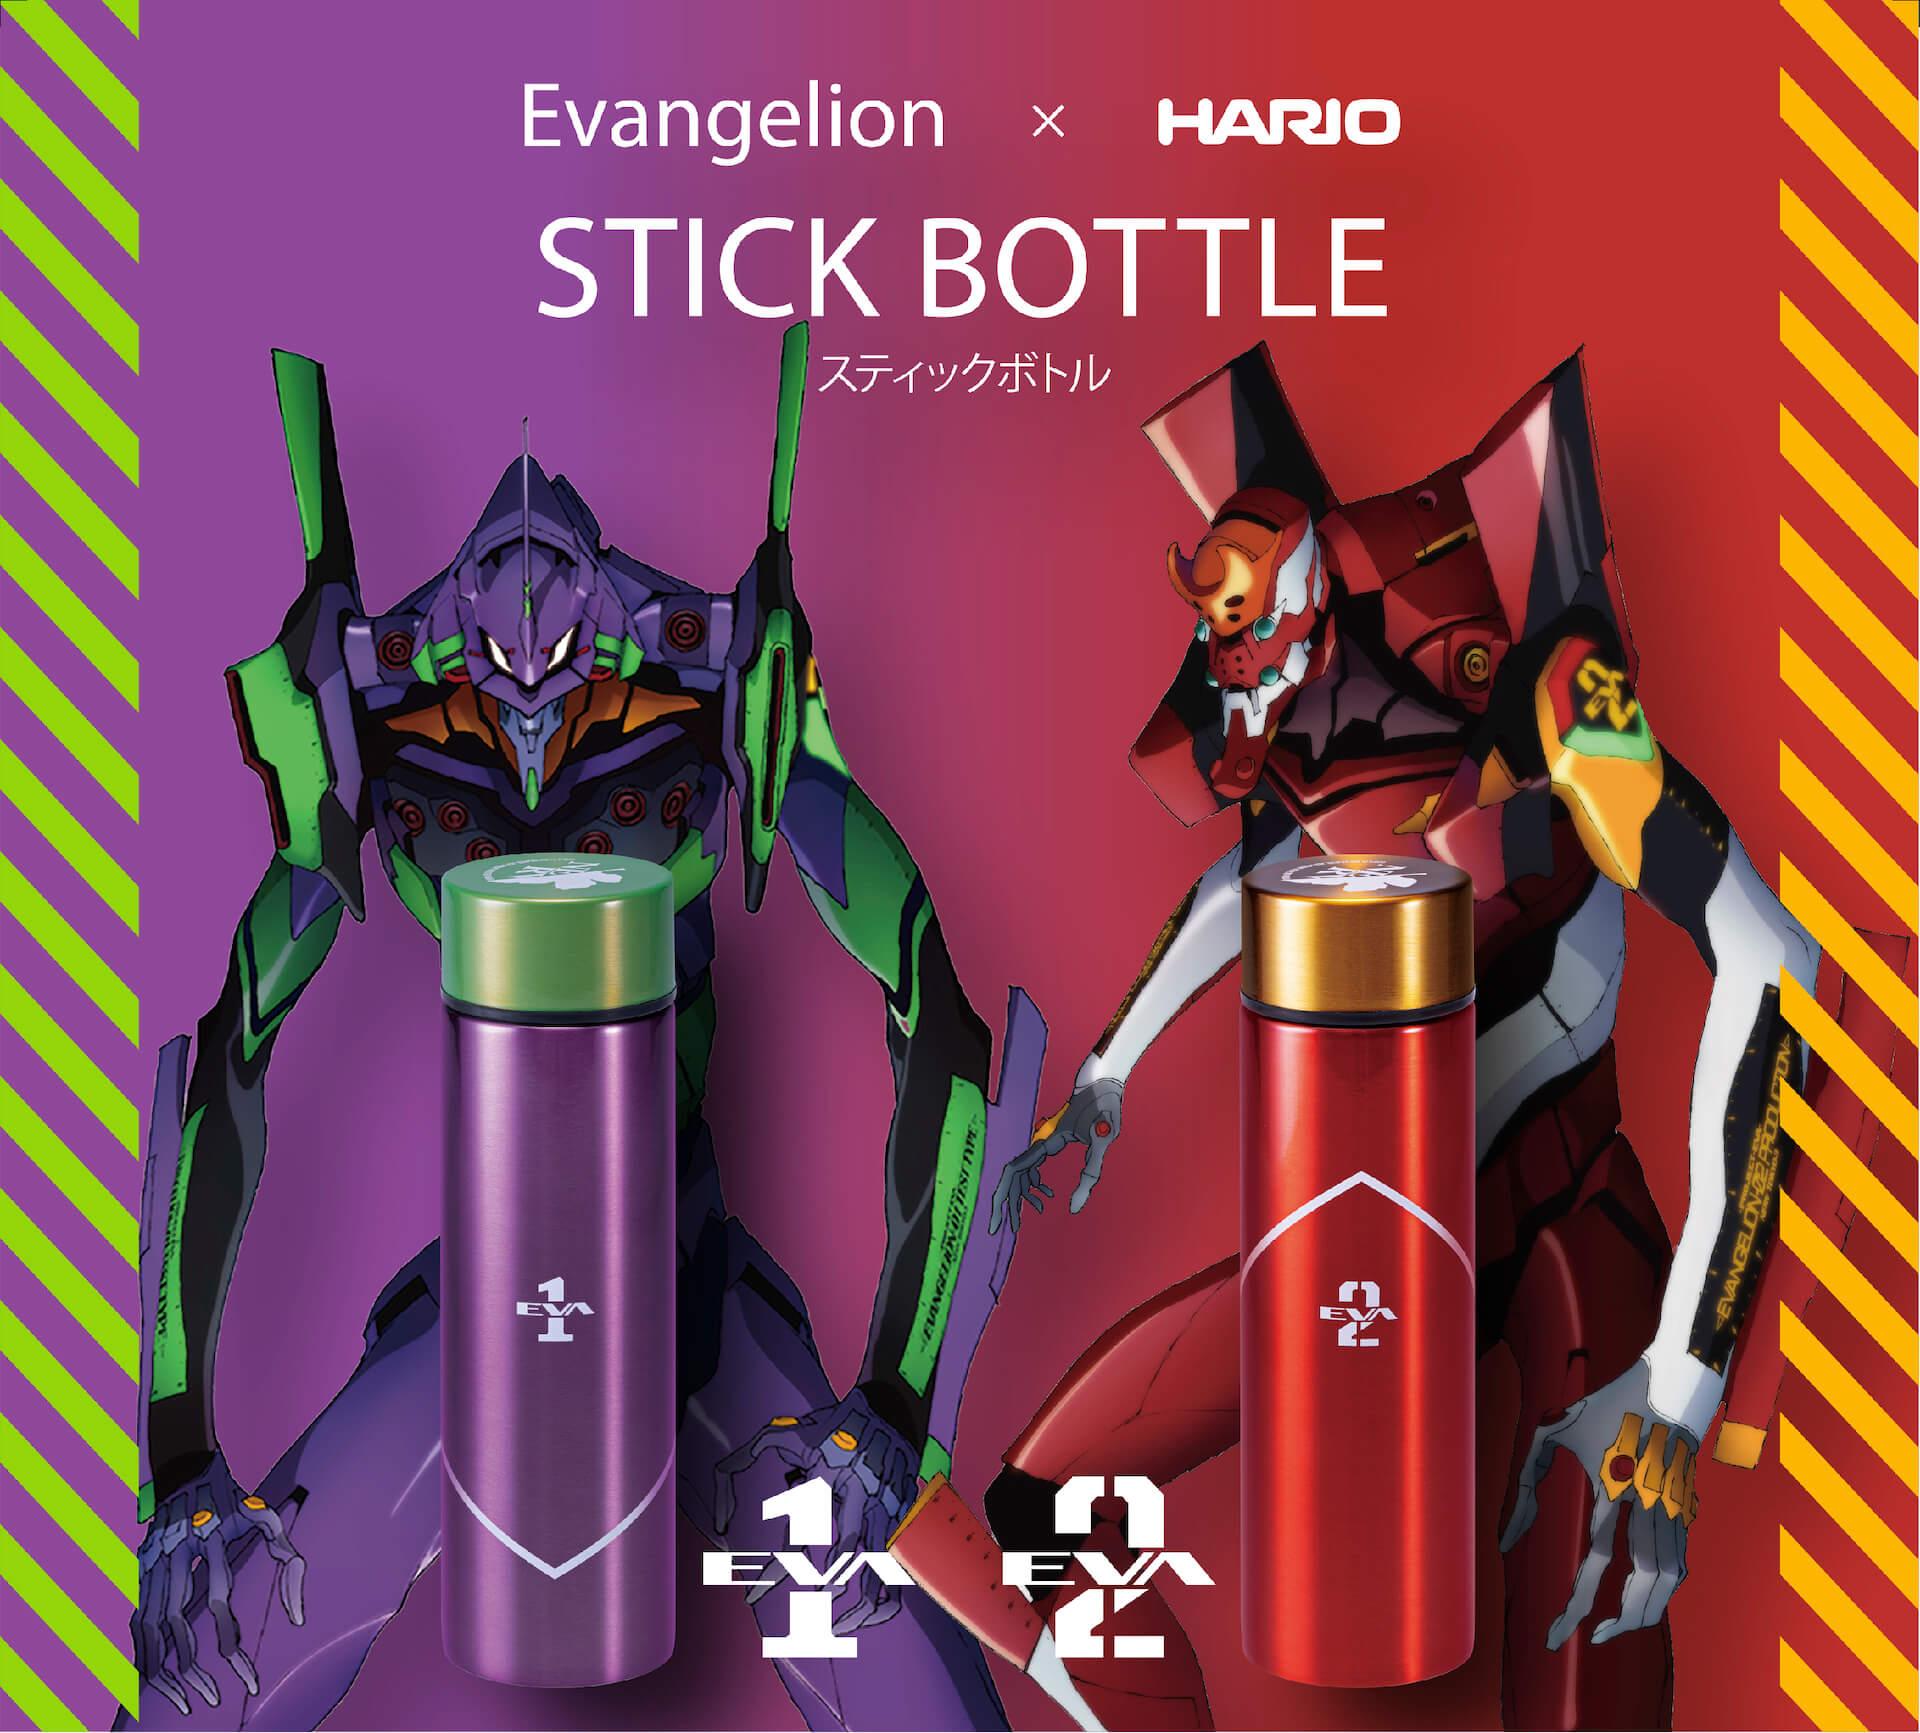 エヴァがポケットサイズのスティックボトルに!コーヒー器具メーカーのHARIOから『シン・エヴァゲリオン劇場版』公開記念アイテムが登場 tech210402_eva_hario_1